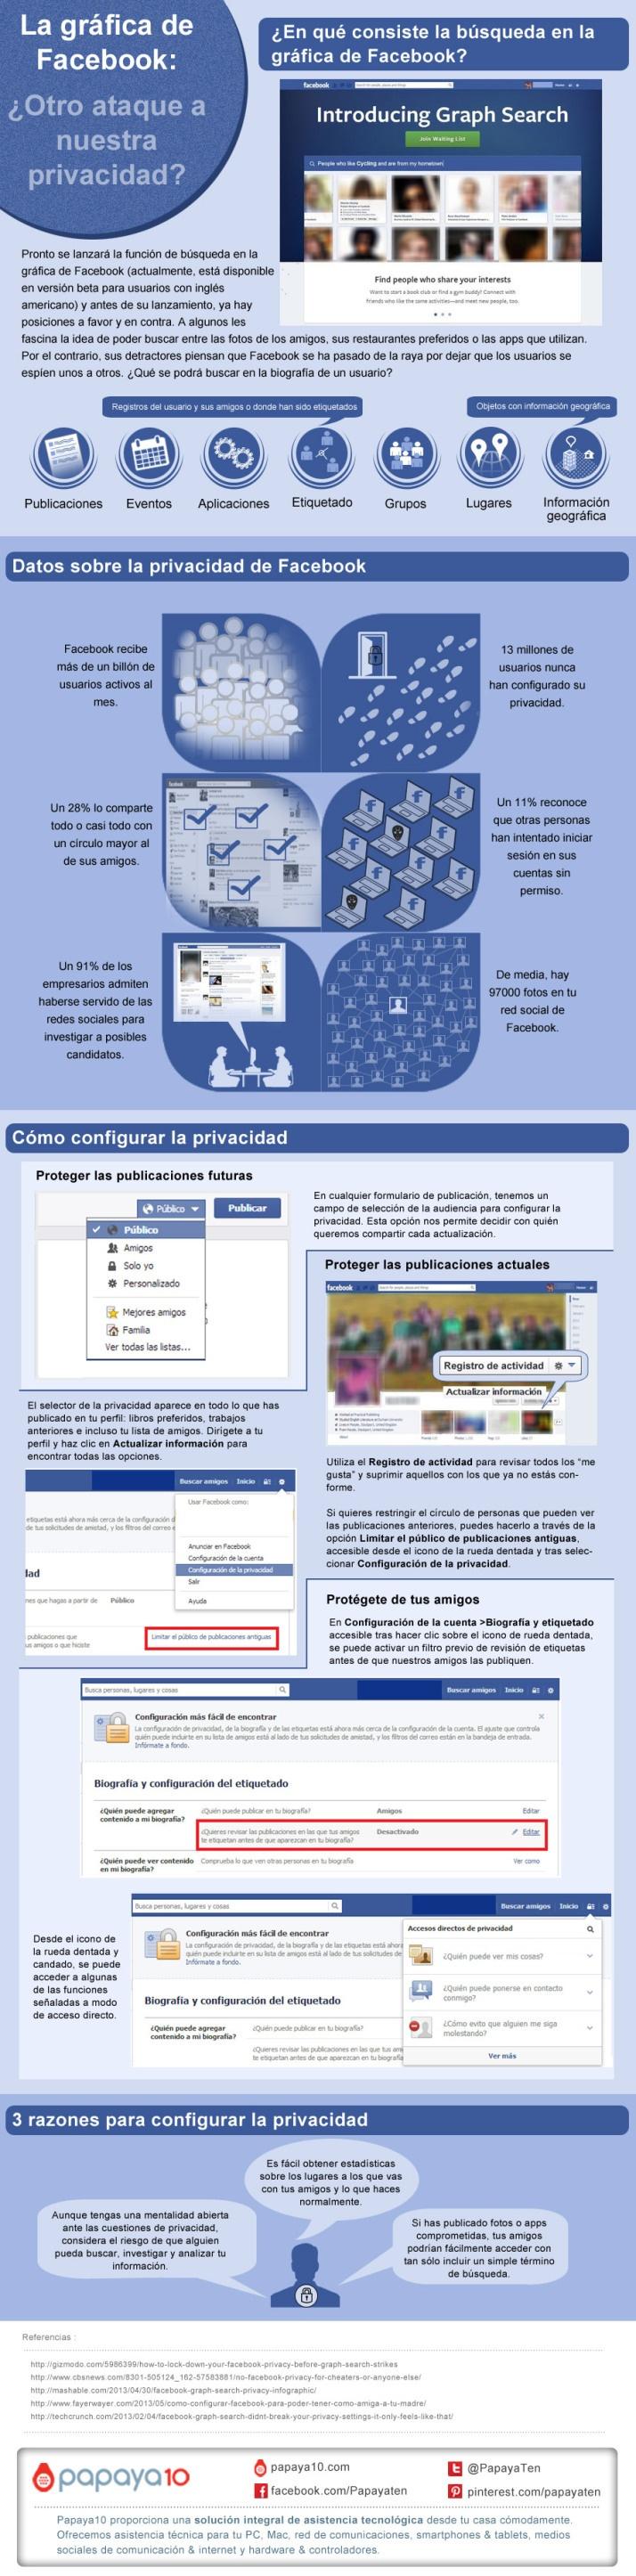 Una completa infografía sobre Facebook Graph Search y su ataque a la privacidad. El futuro del marketing social: los datos de las personas #socialmedia #marketingsocial #marketing